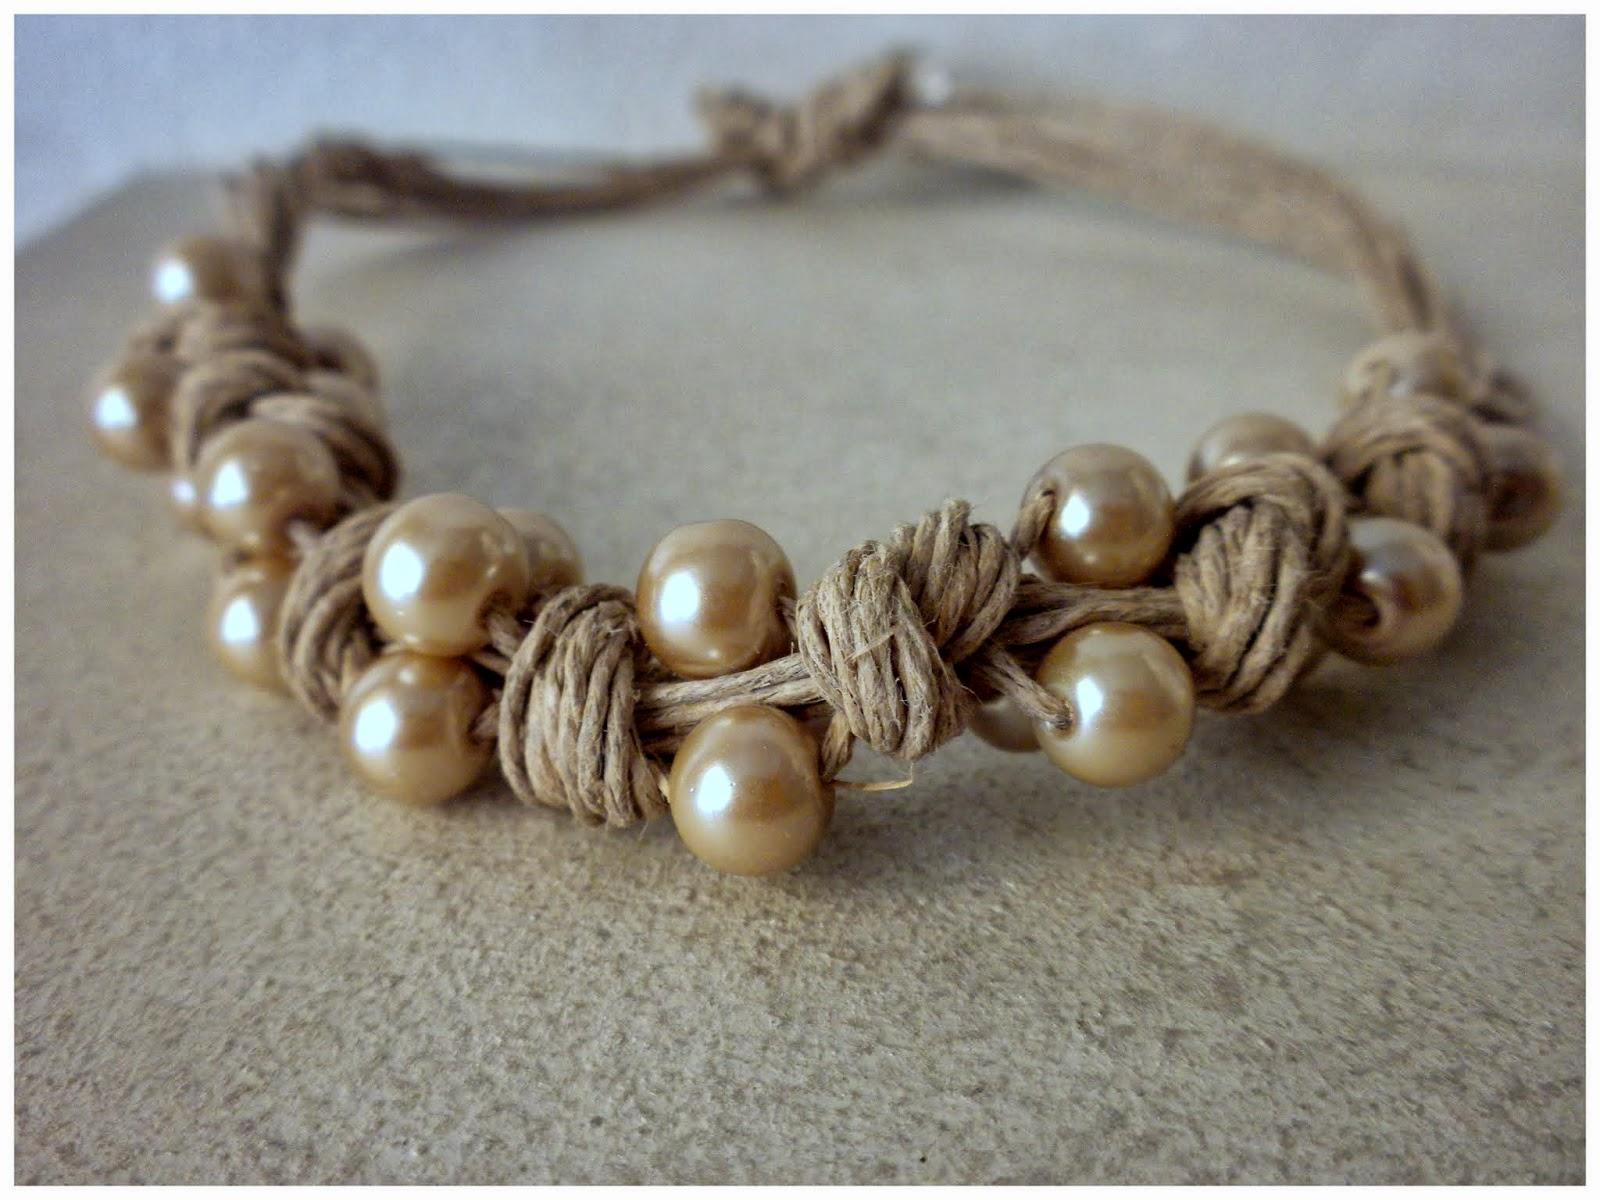 Carmen Veca Monili: La mitica collana di corda grezza e perle vintage